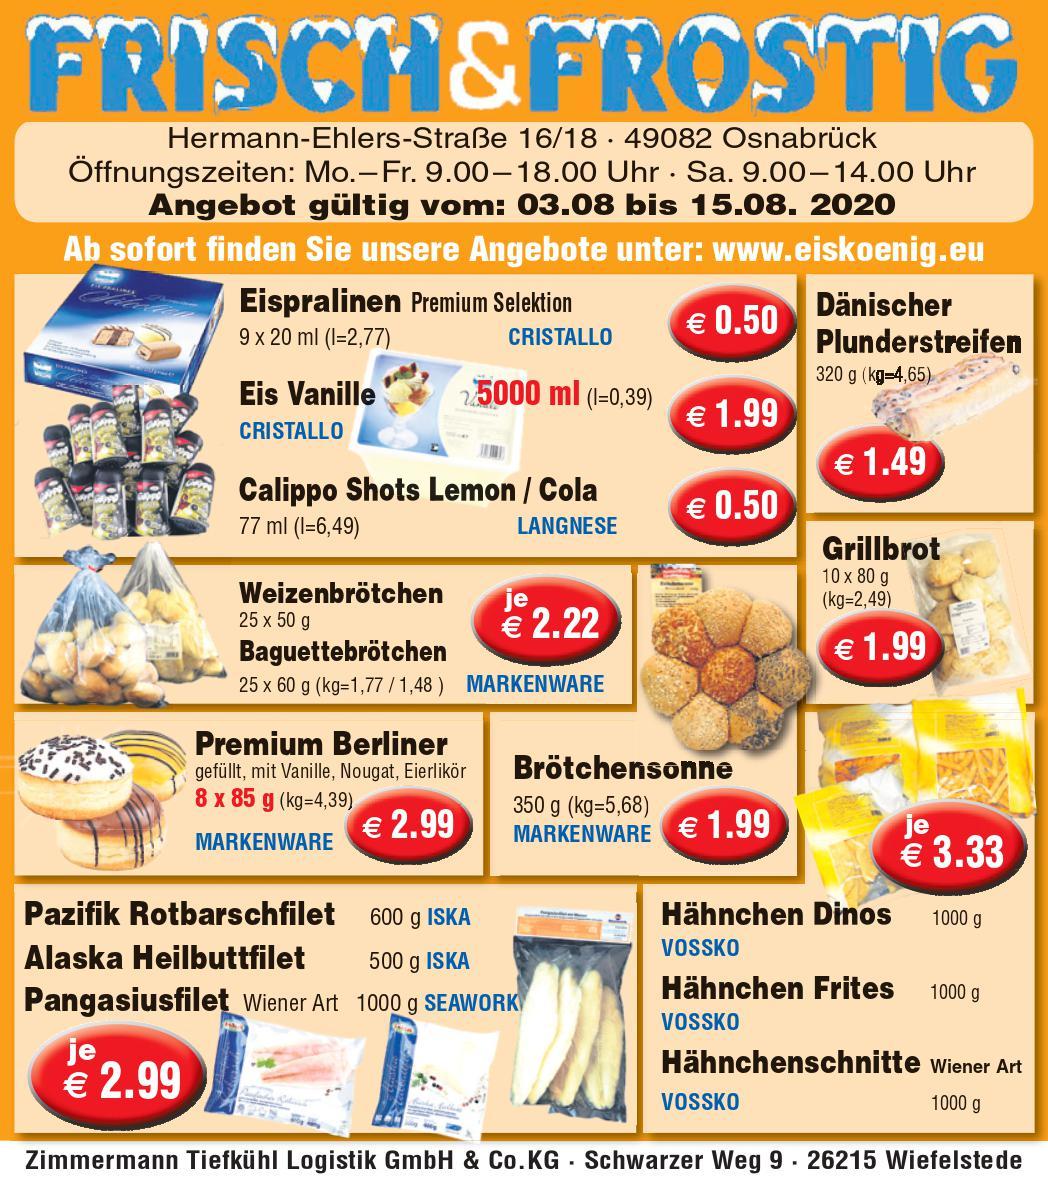 Angebote Eiskönig - Frisch und Frostig Osnabrück